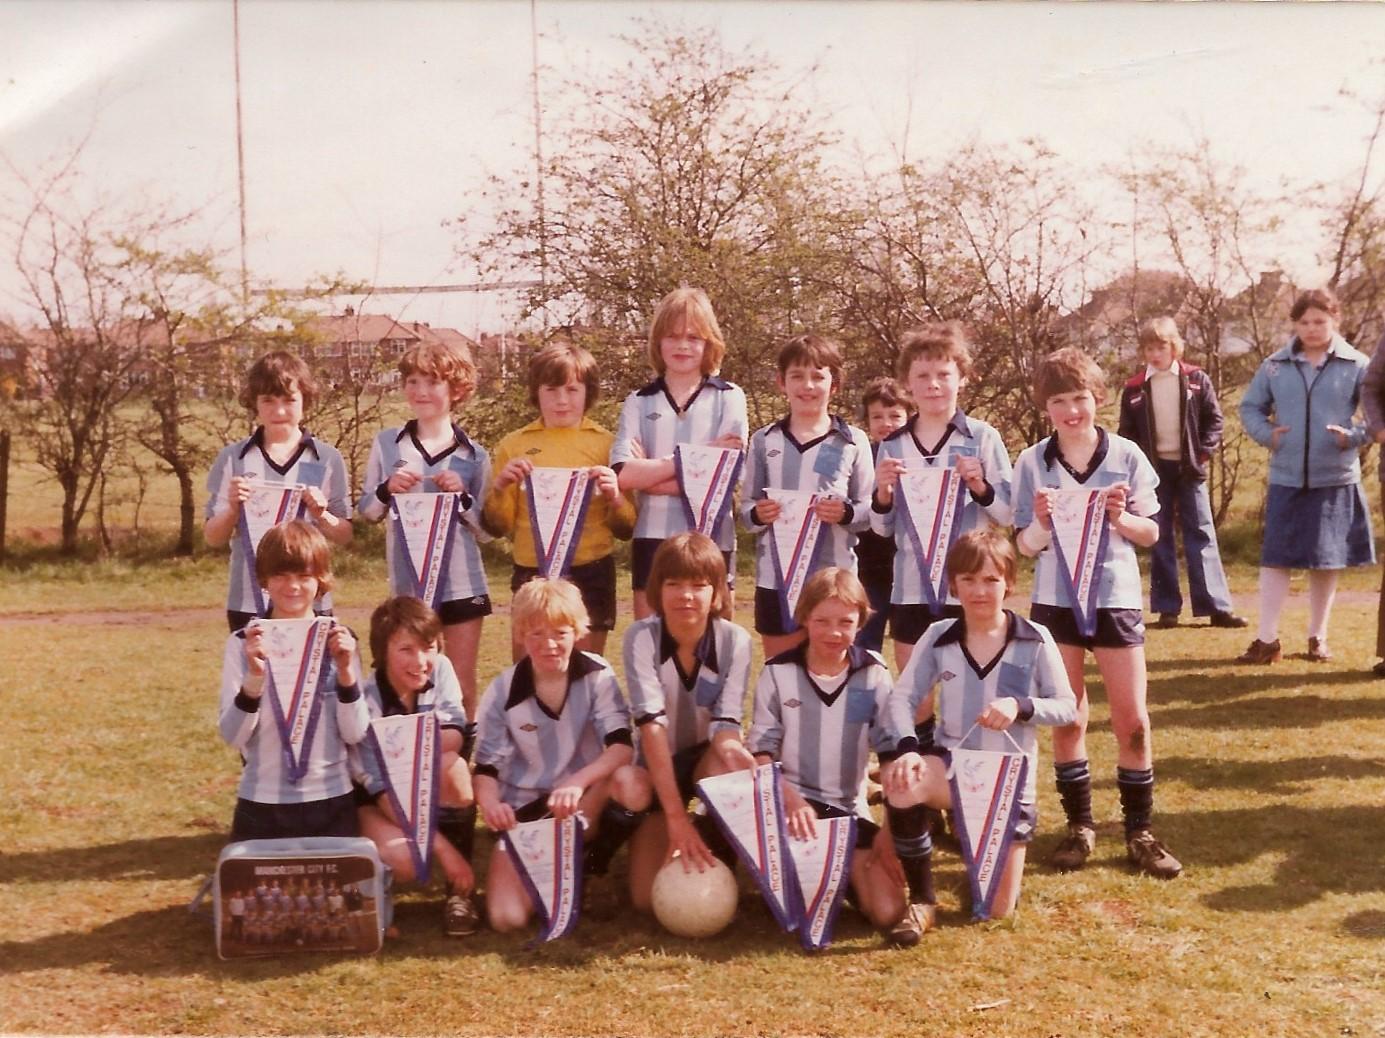 UAJFC u13 team 1979/80